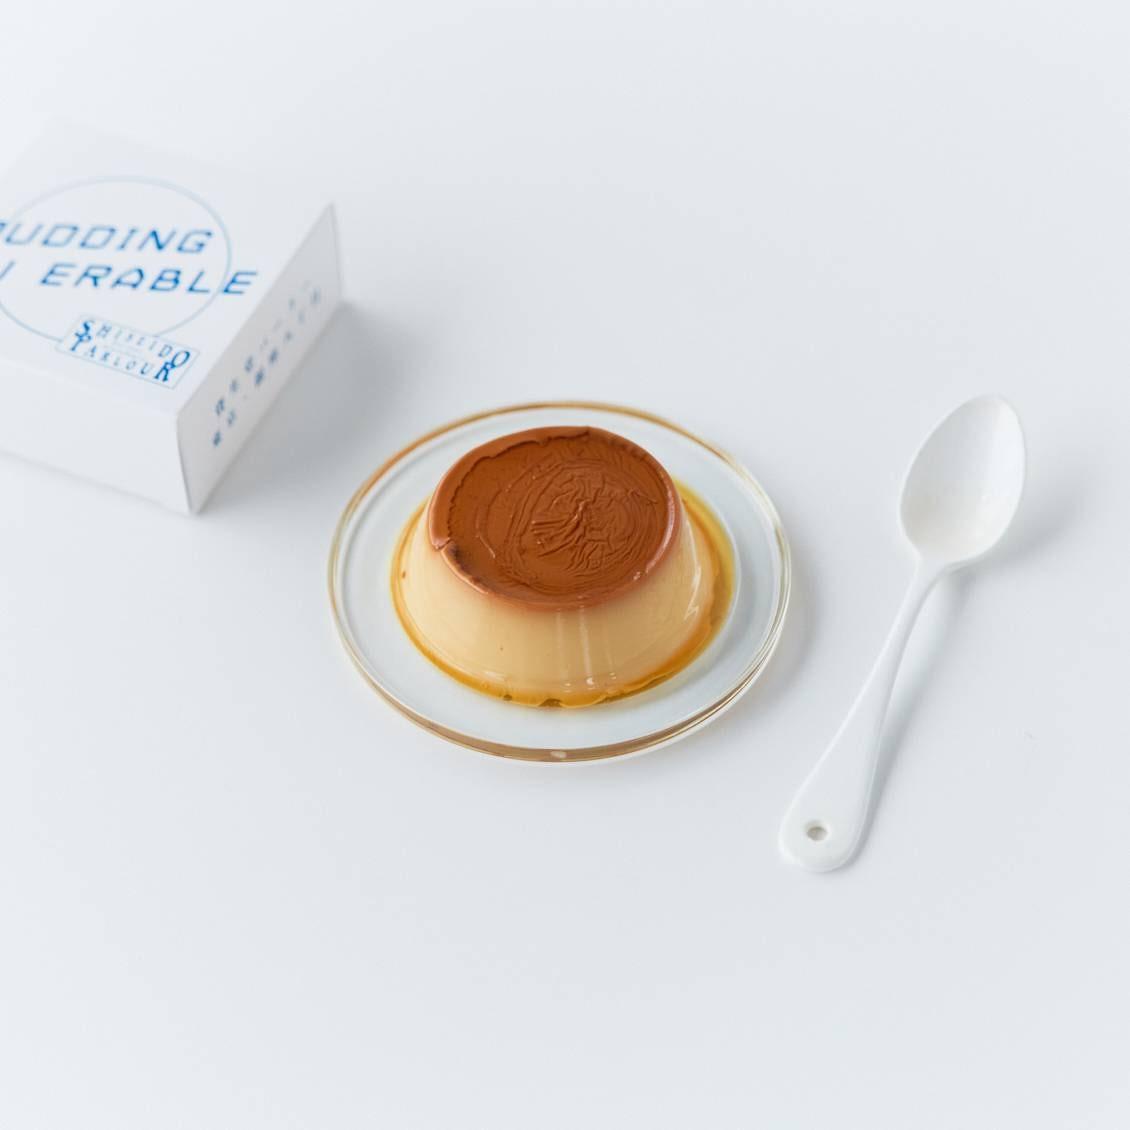 【ときめく手みやげ】第11話:みんな大好き「あの店」の、知る人ぞ知るお菓子とコーヒー